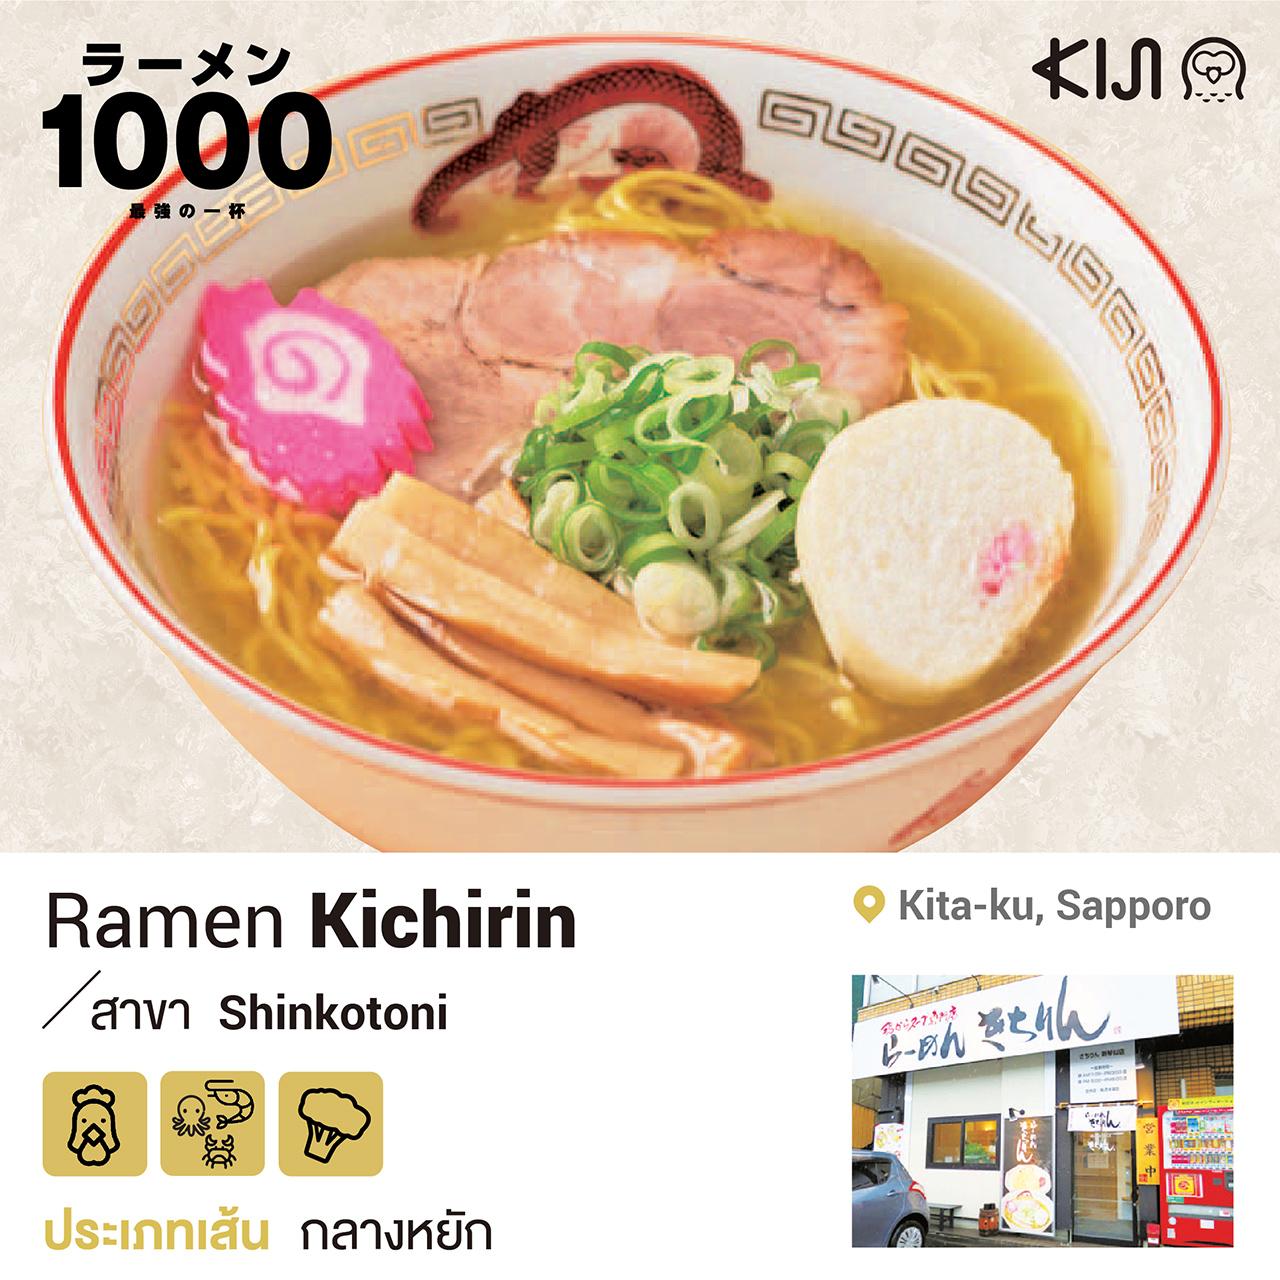 ร้านราเมน เขตคิตะ เมืองซัปโปโร จ.ฮอกไกโด - Ramen Kichirin สาขา Shinkotoni